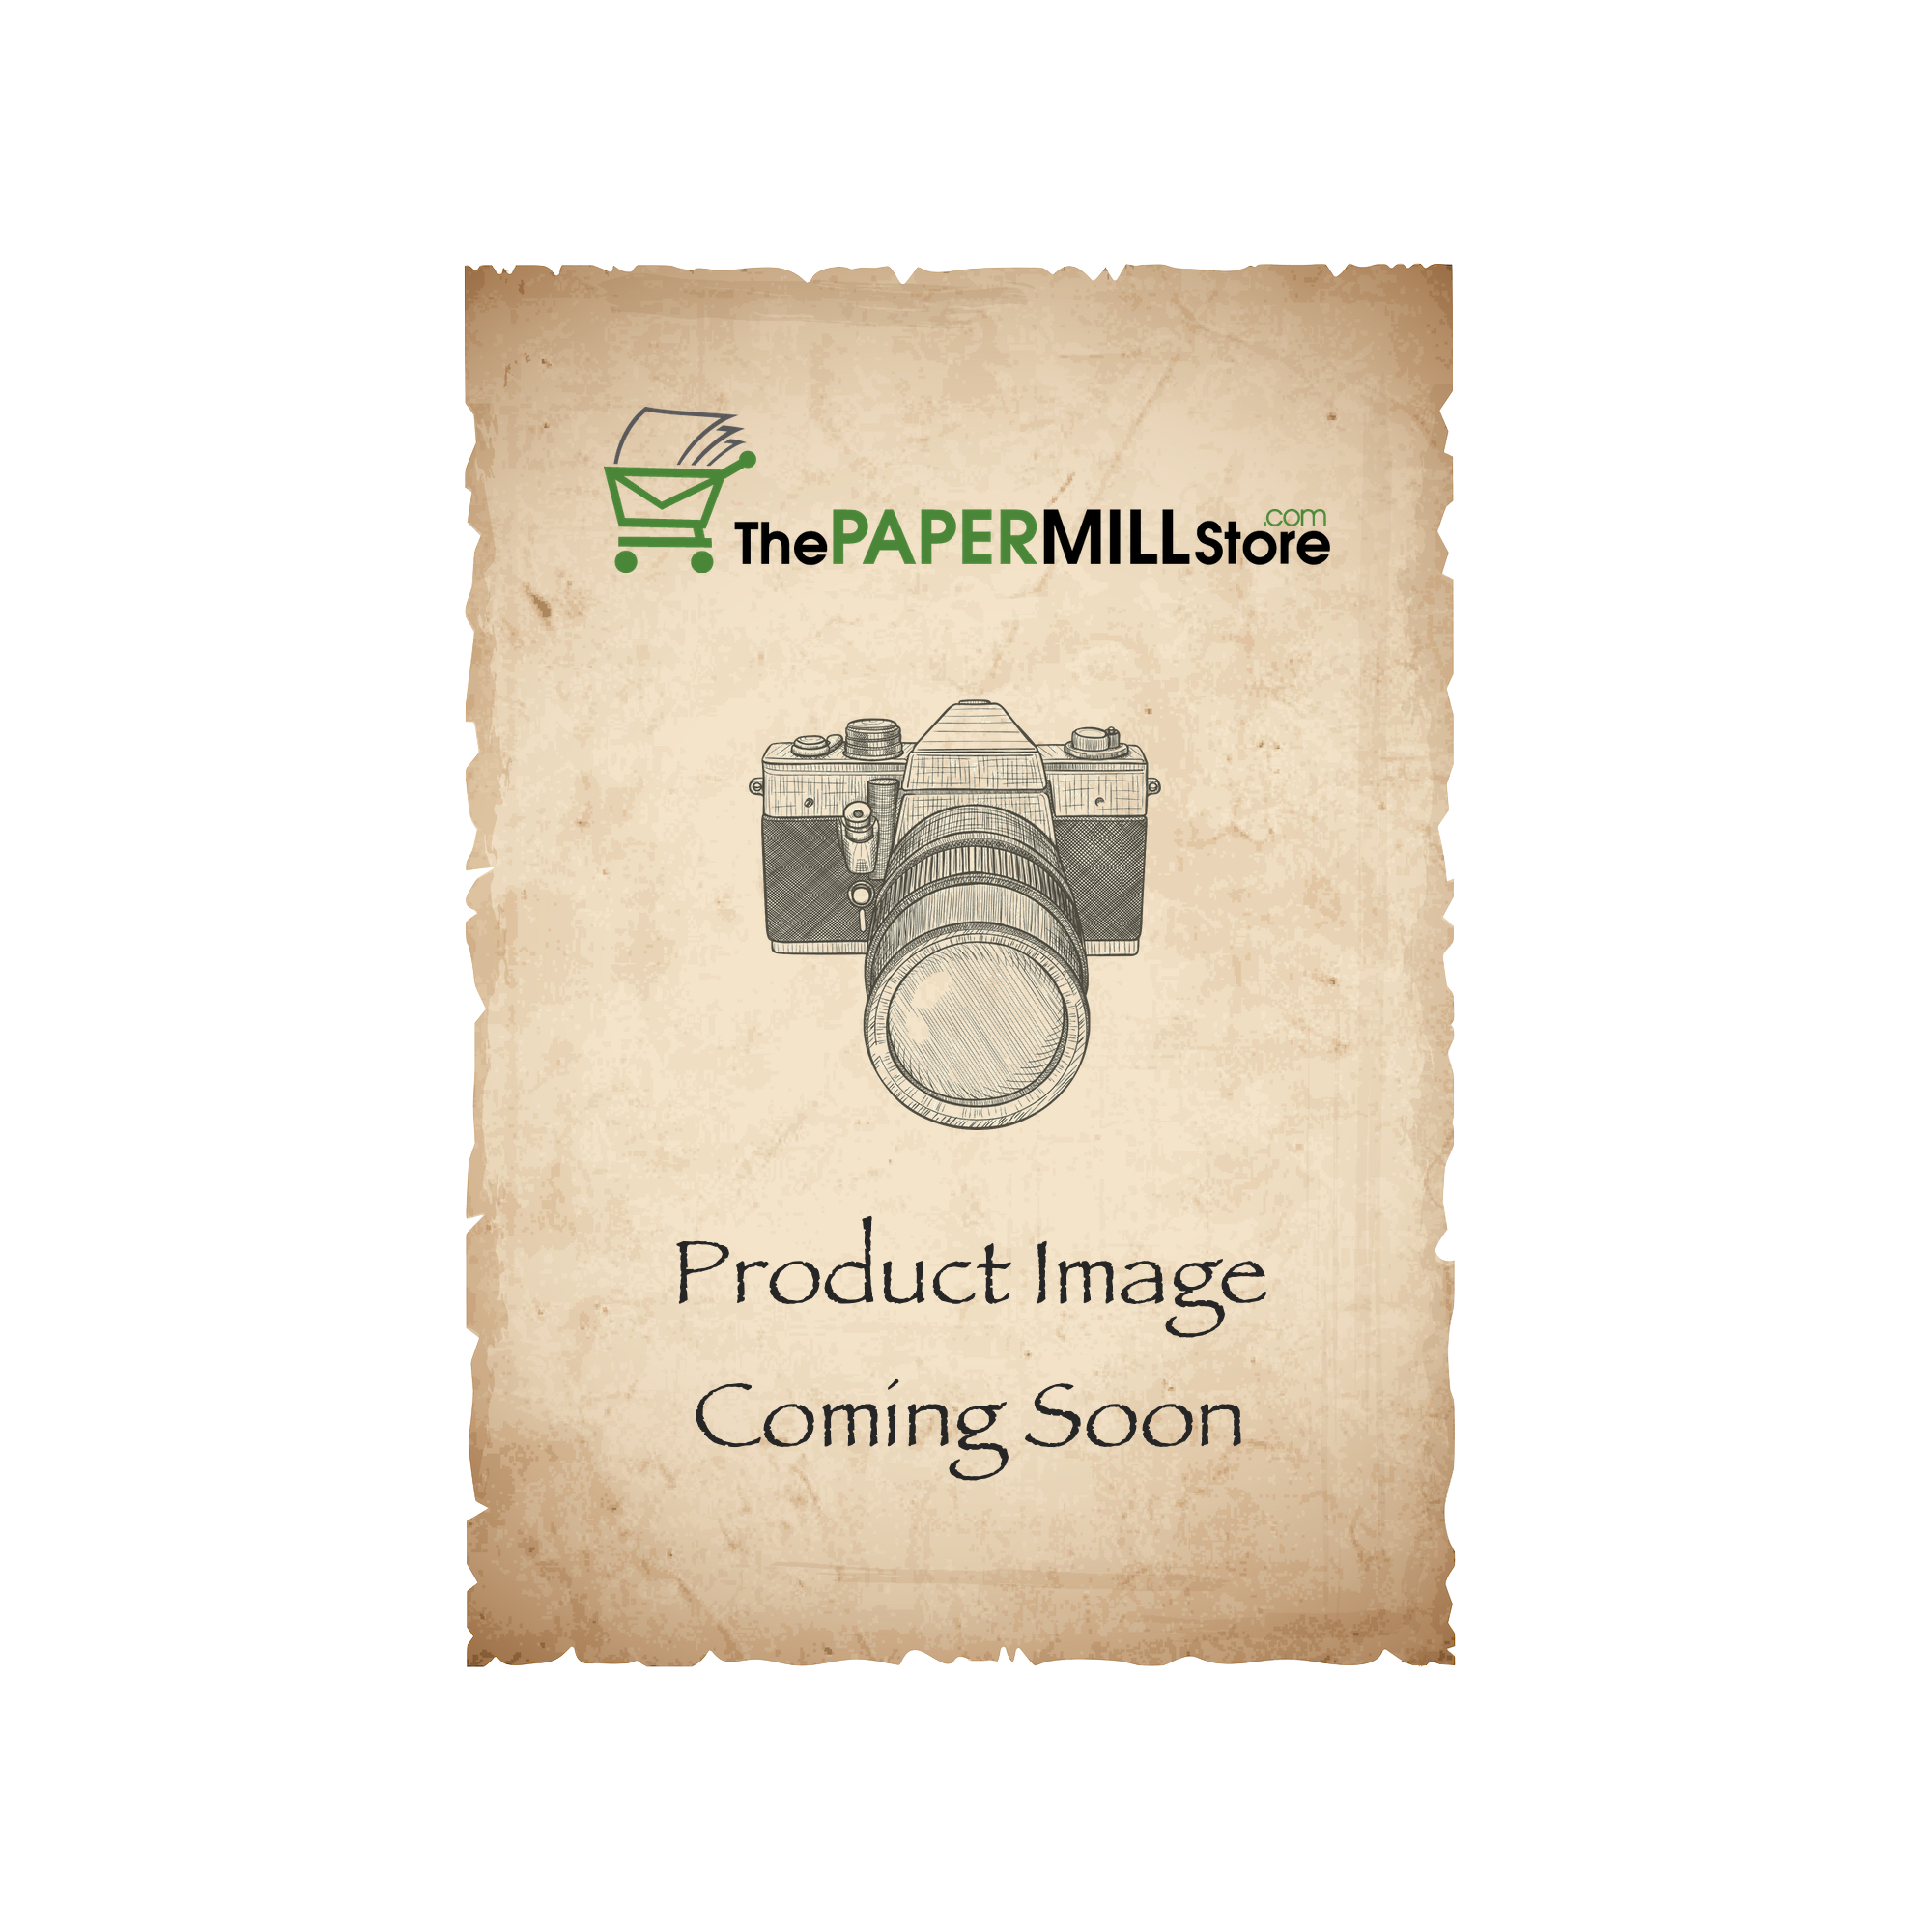 SuperFine Softwhite Envelopes - A2 (4 3/8 x 5 3/4) 70 lb Text Eggshell 250 per Box